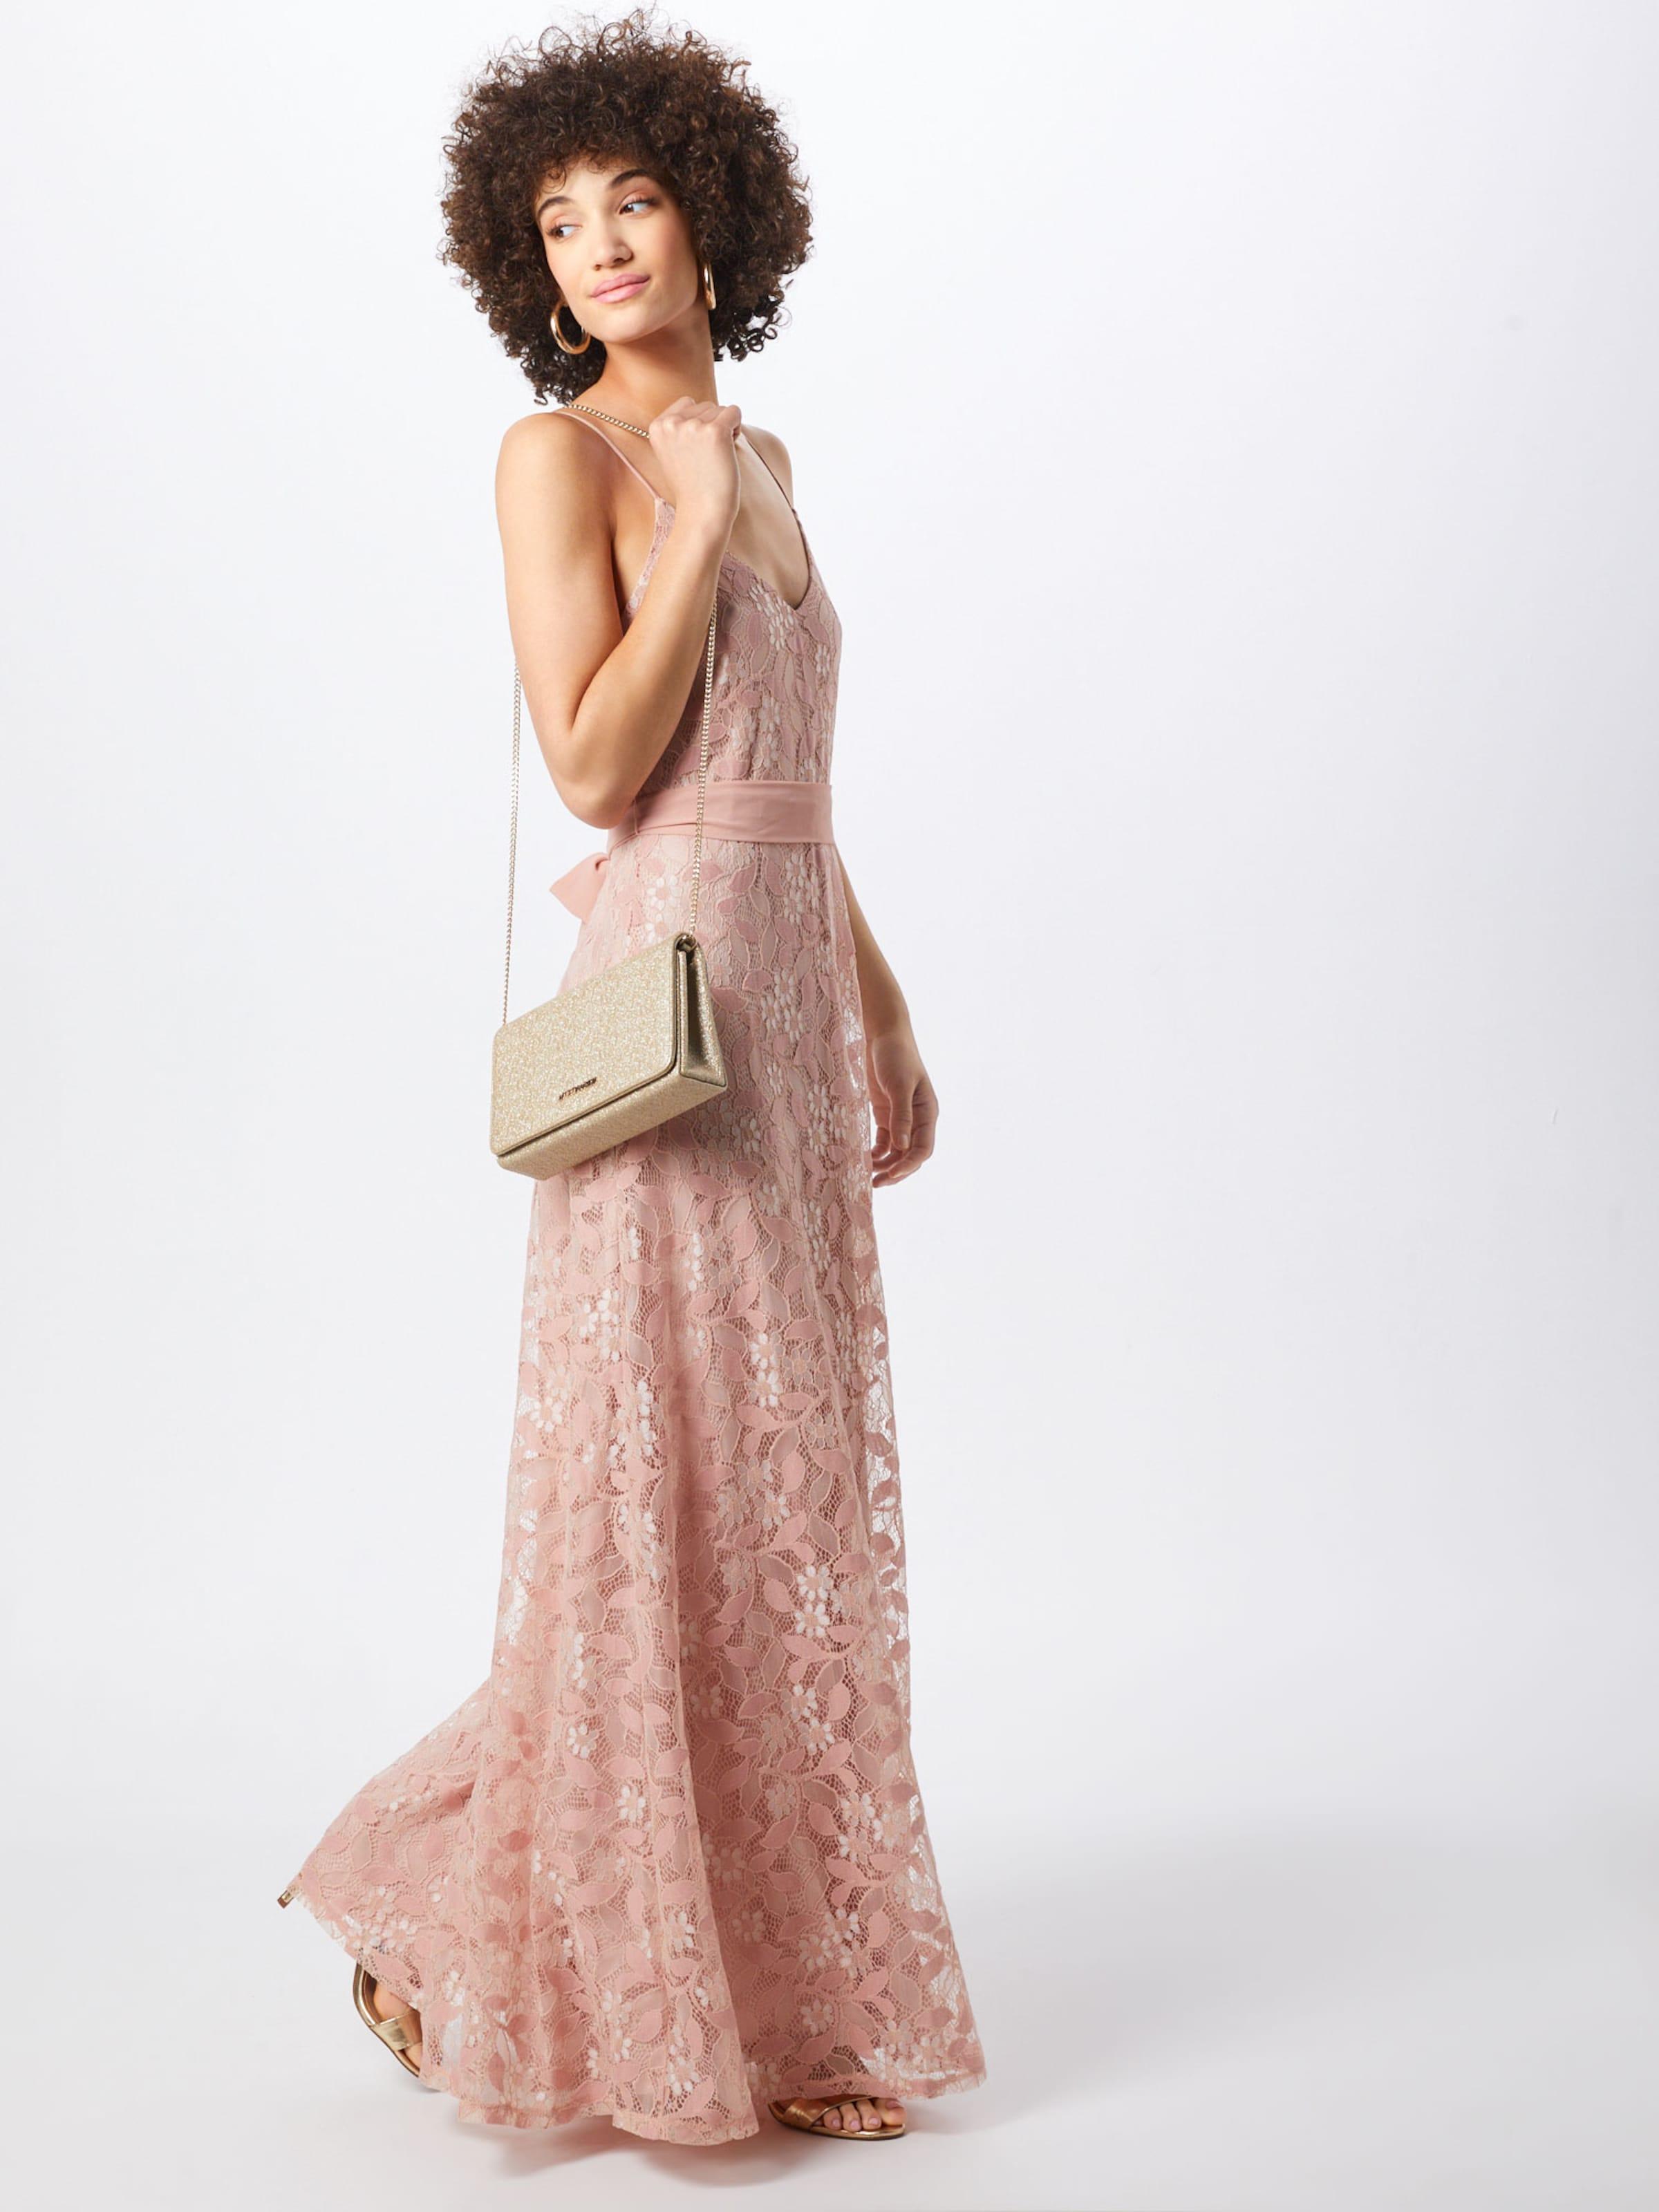 Rosa Vila 'mash' Kleid 'mash' Vila Rosa In In Vila Kleid Kleid 'mash' XwN0nOPkZ8